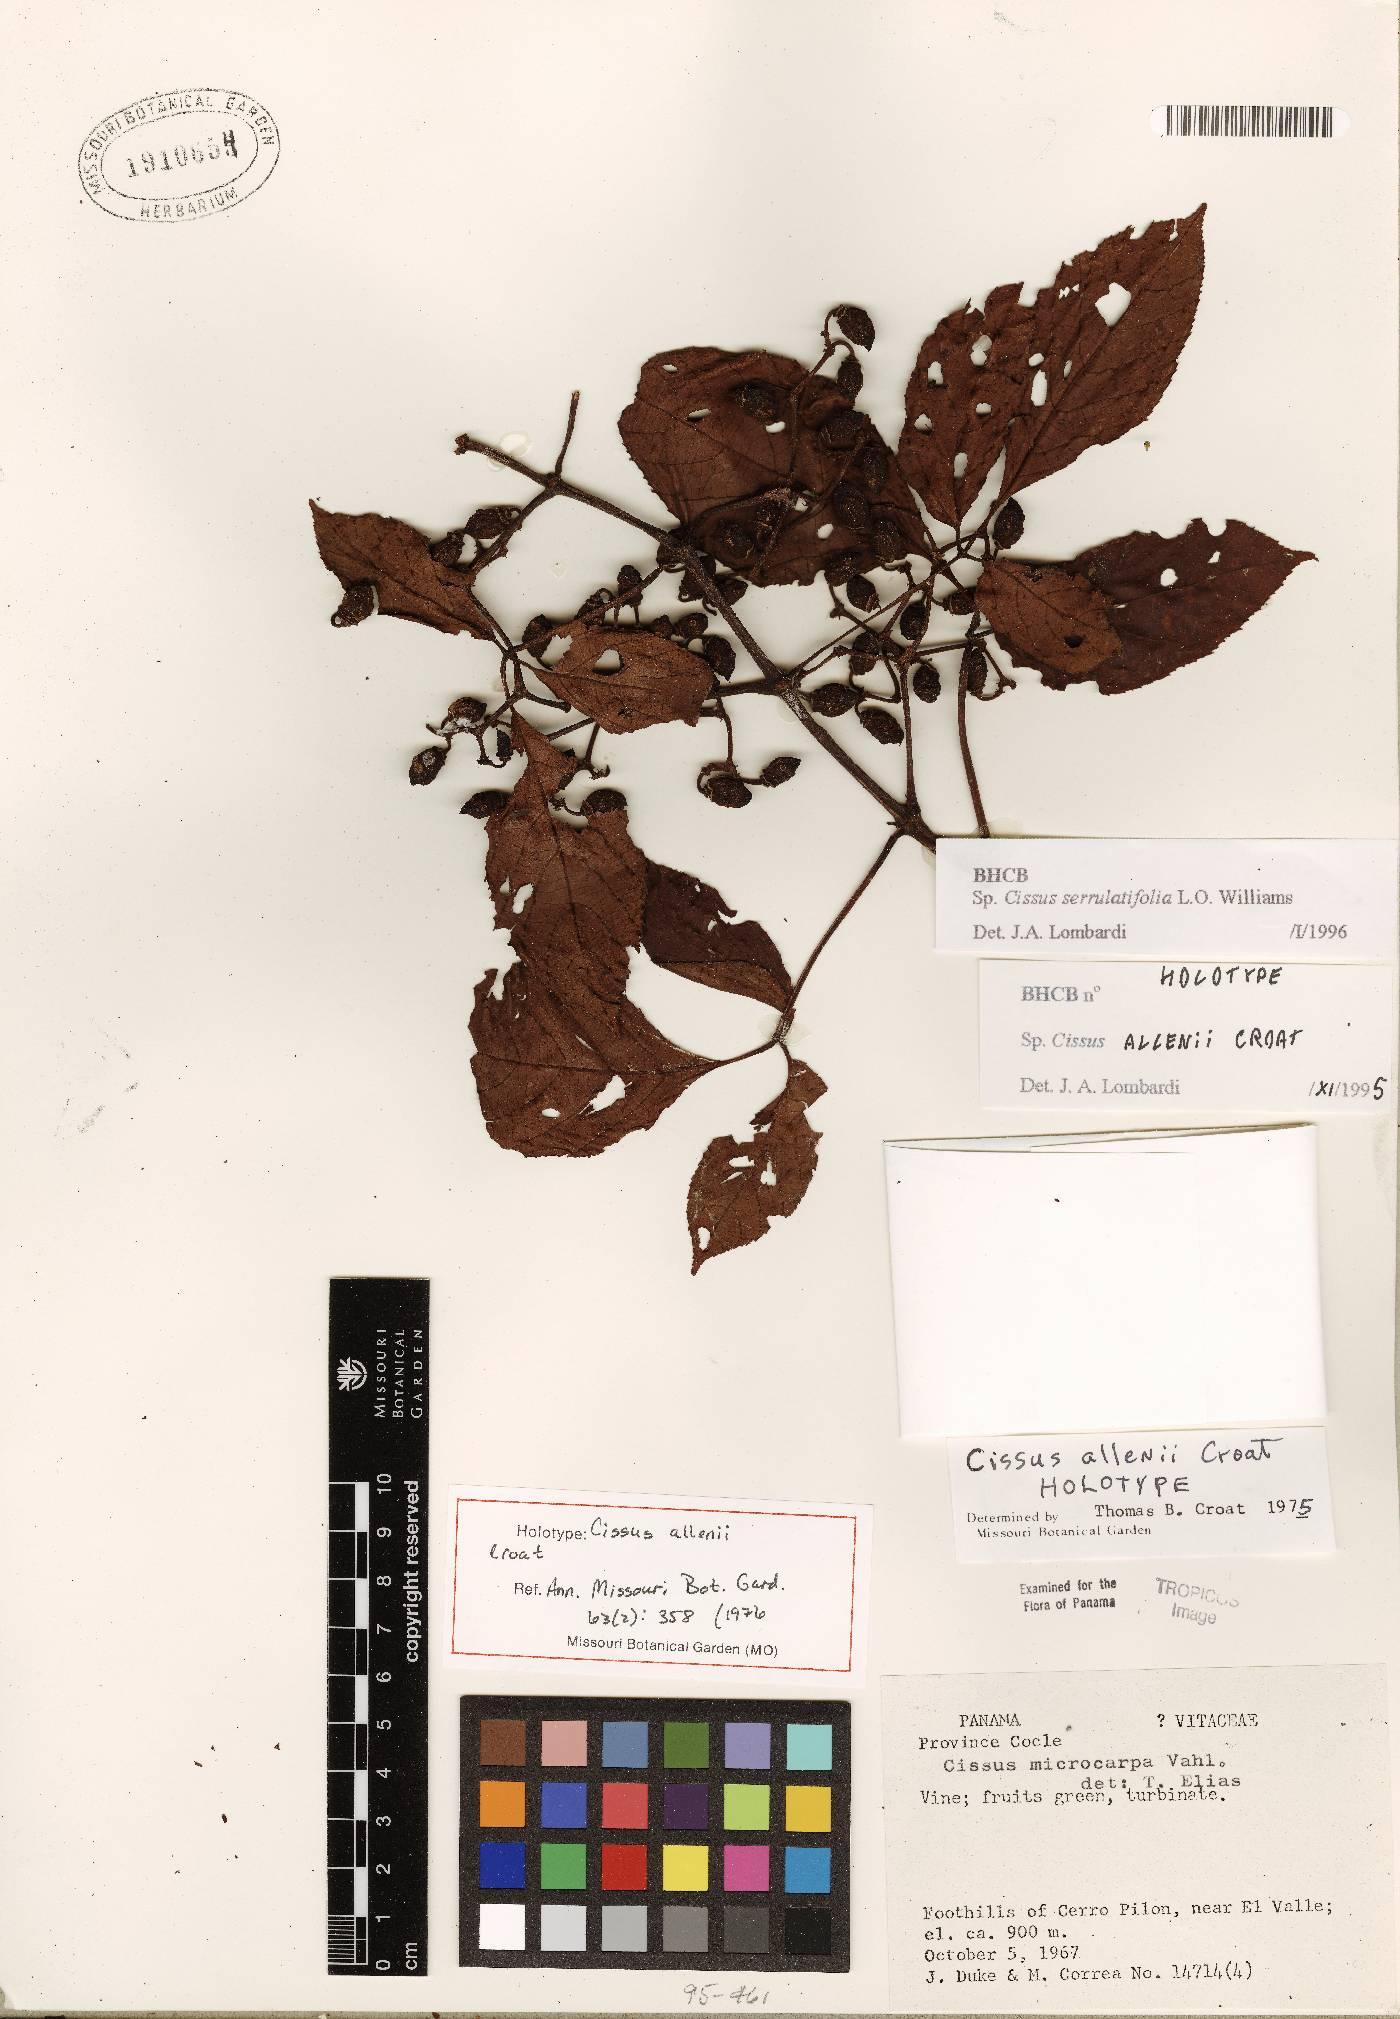 Cissus serrulatifolia image